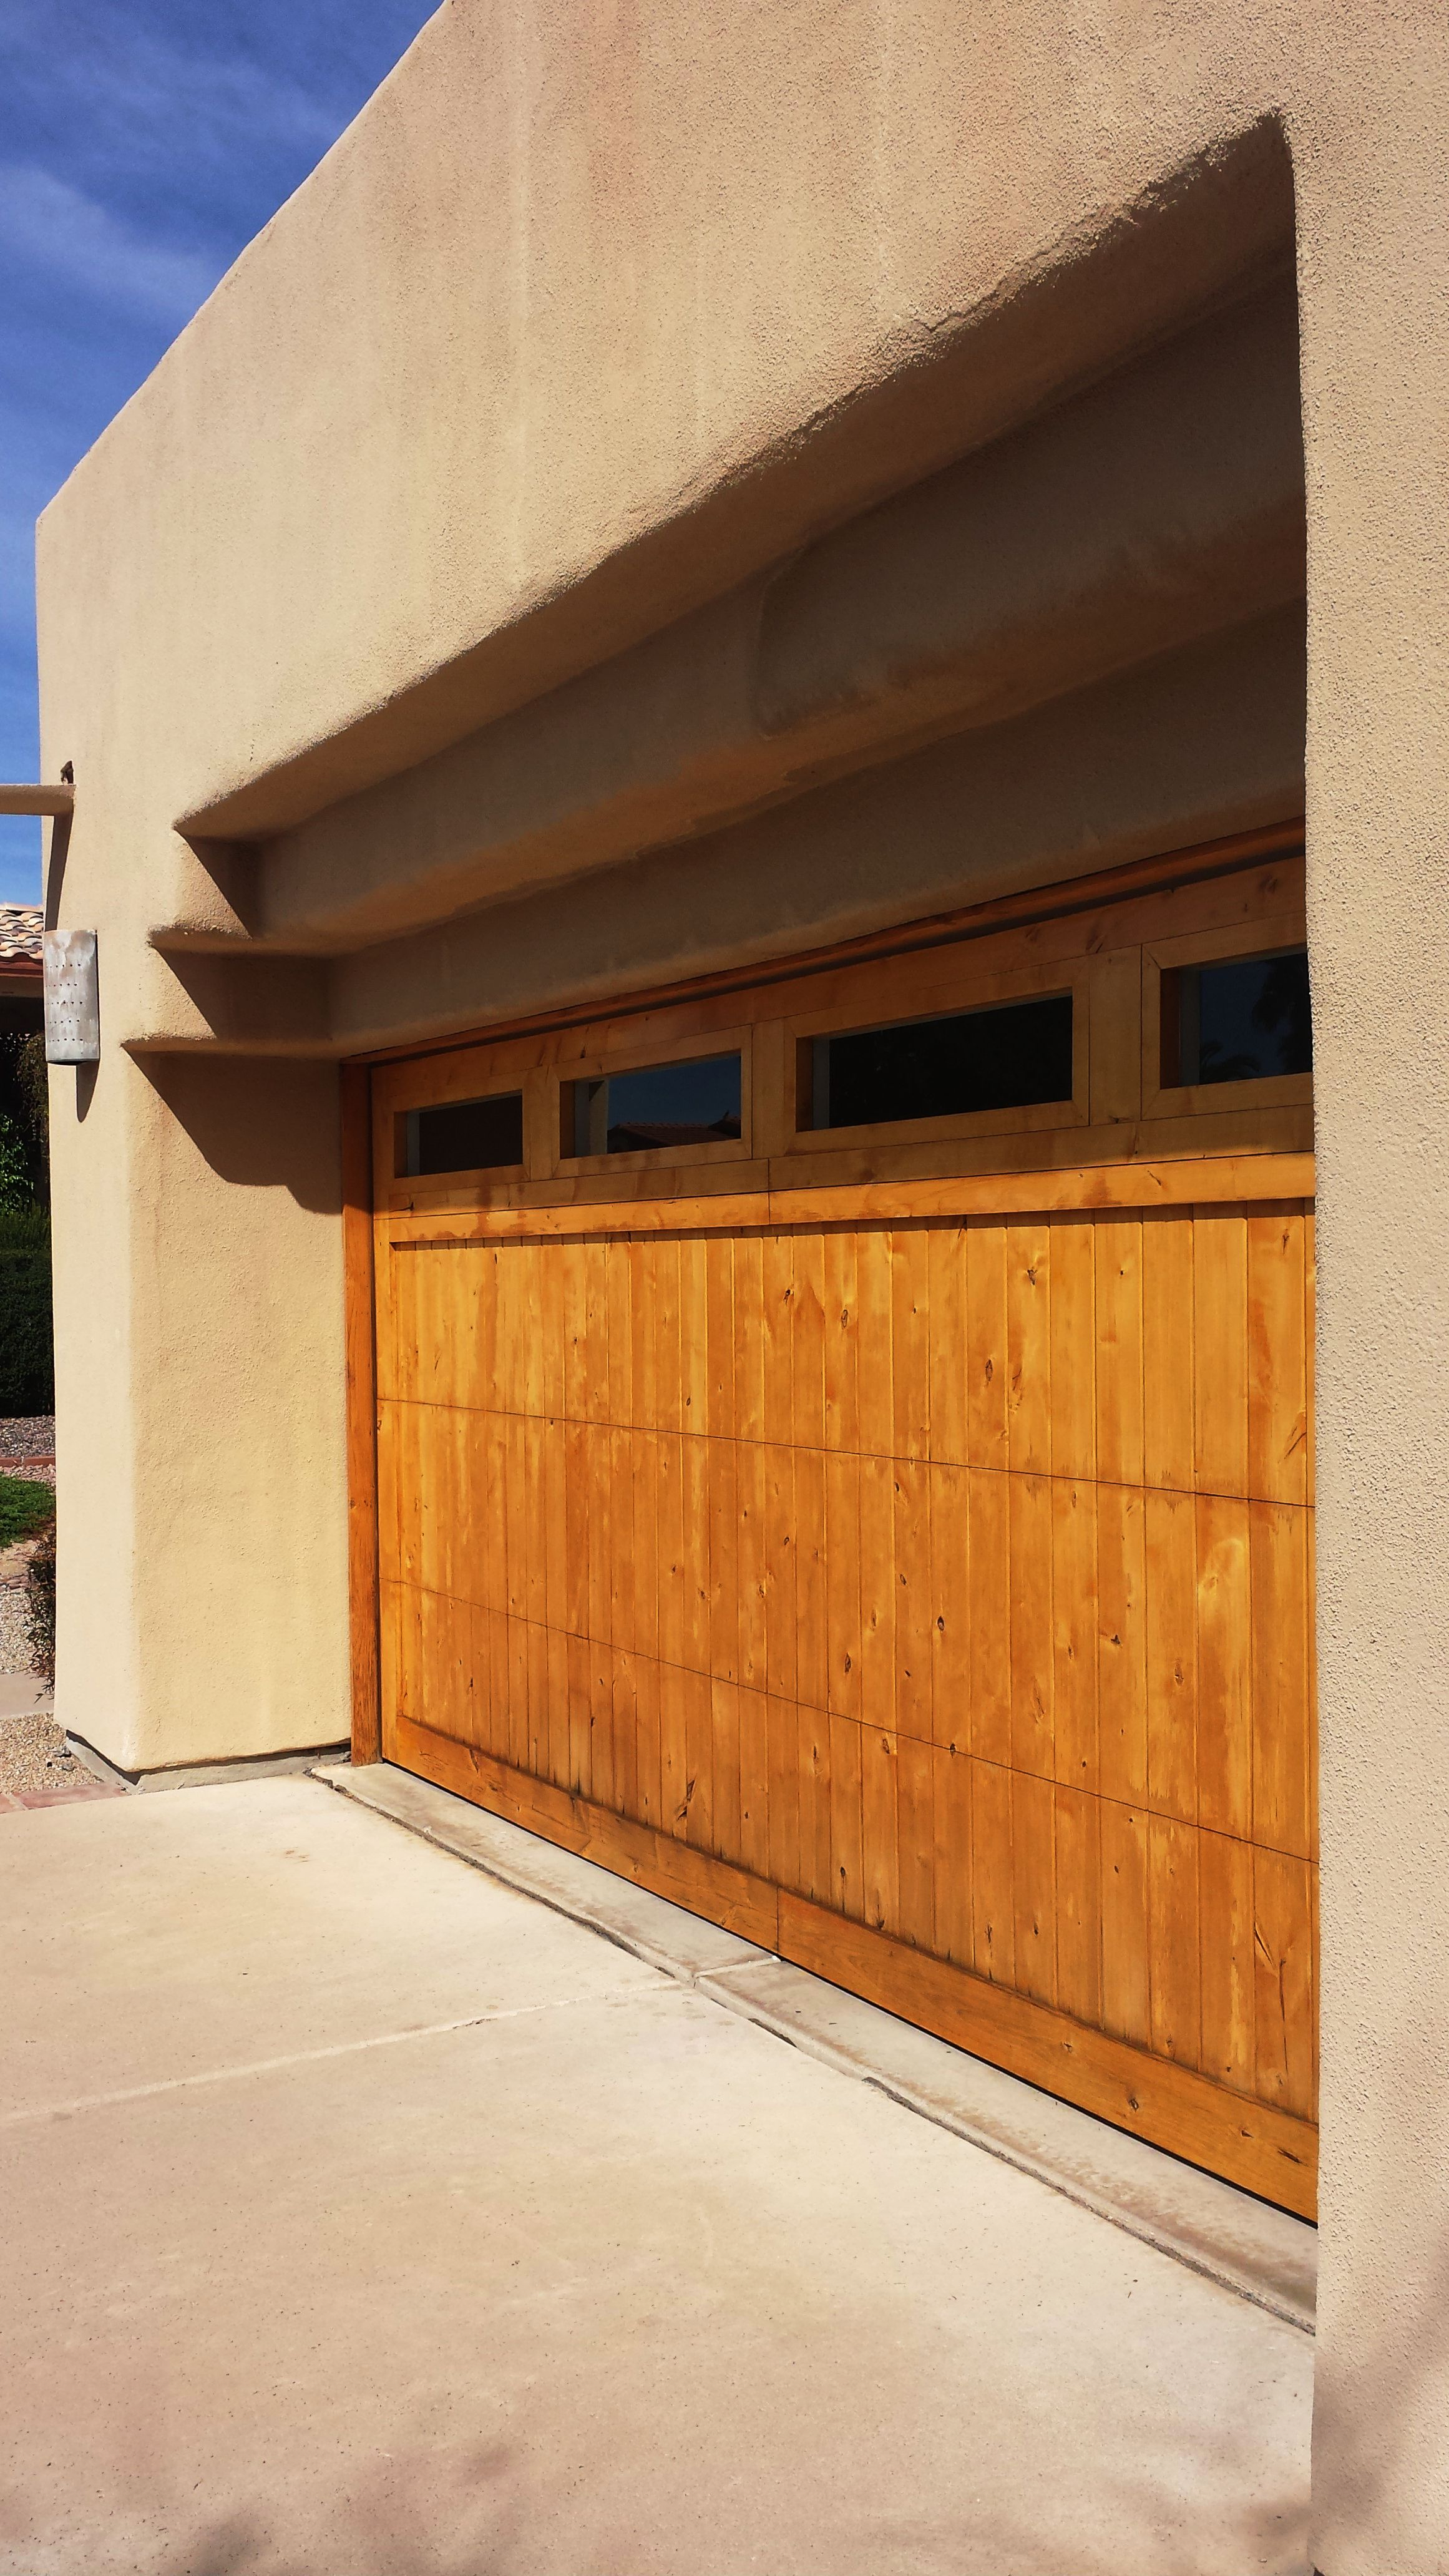 Refinishing Wooden Garage Door.